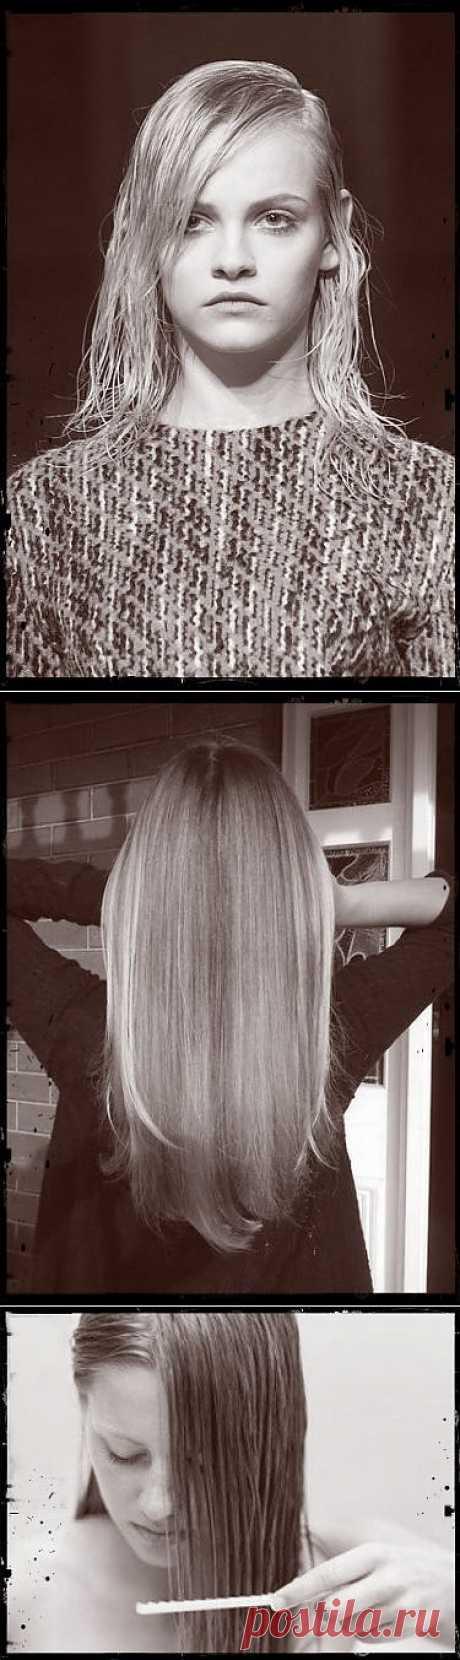 Почему волосы быстро пачкаются?